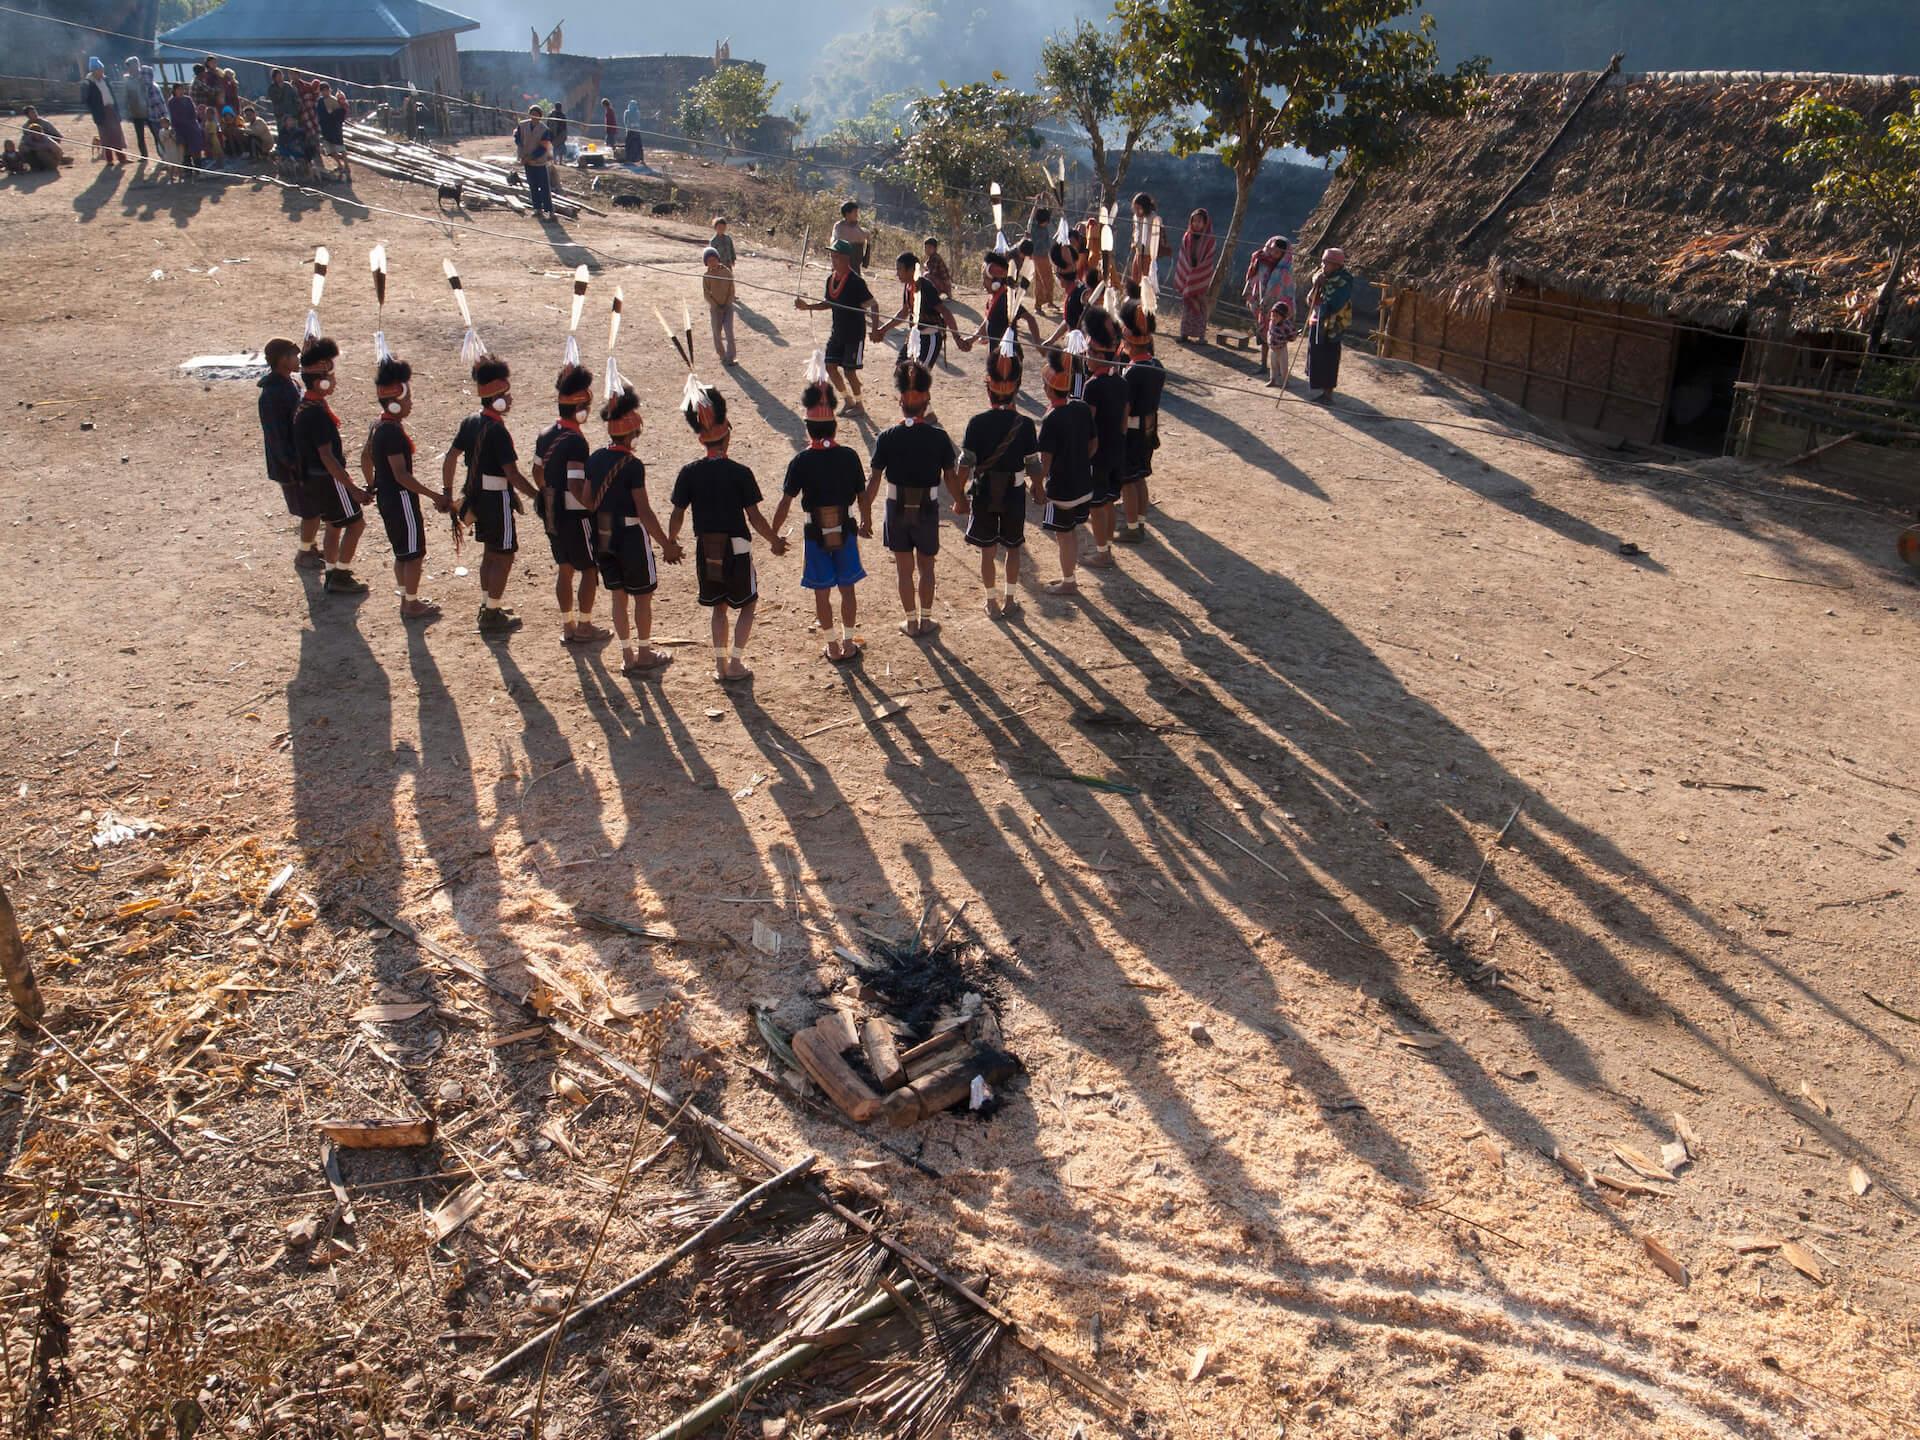 ミャンマーの文化とともに —— コムアイ、オオルタイチ、井口寛が語る音を通じた繋がり interview210917_staywithmyanmar_11